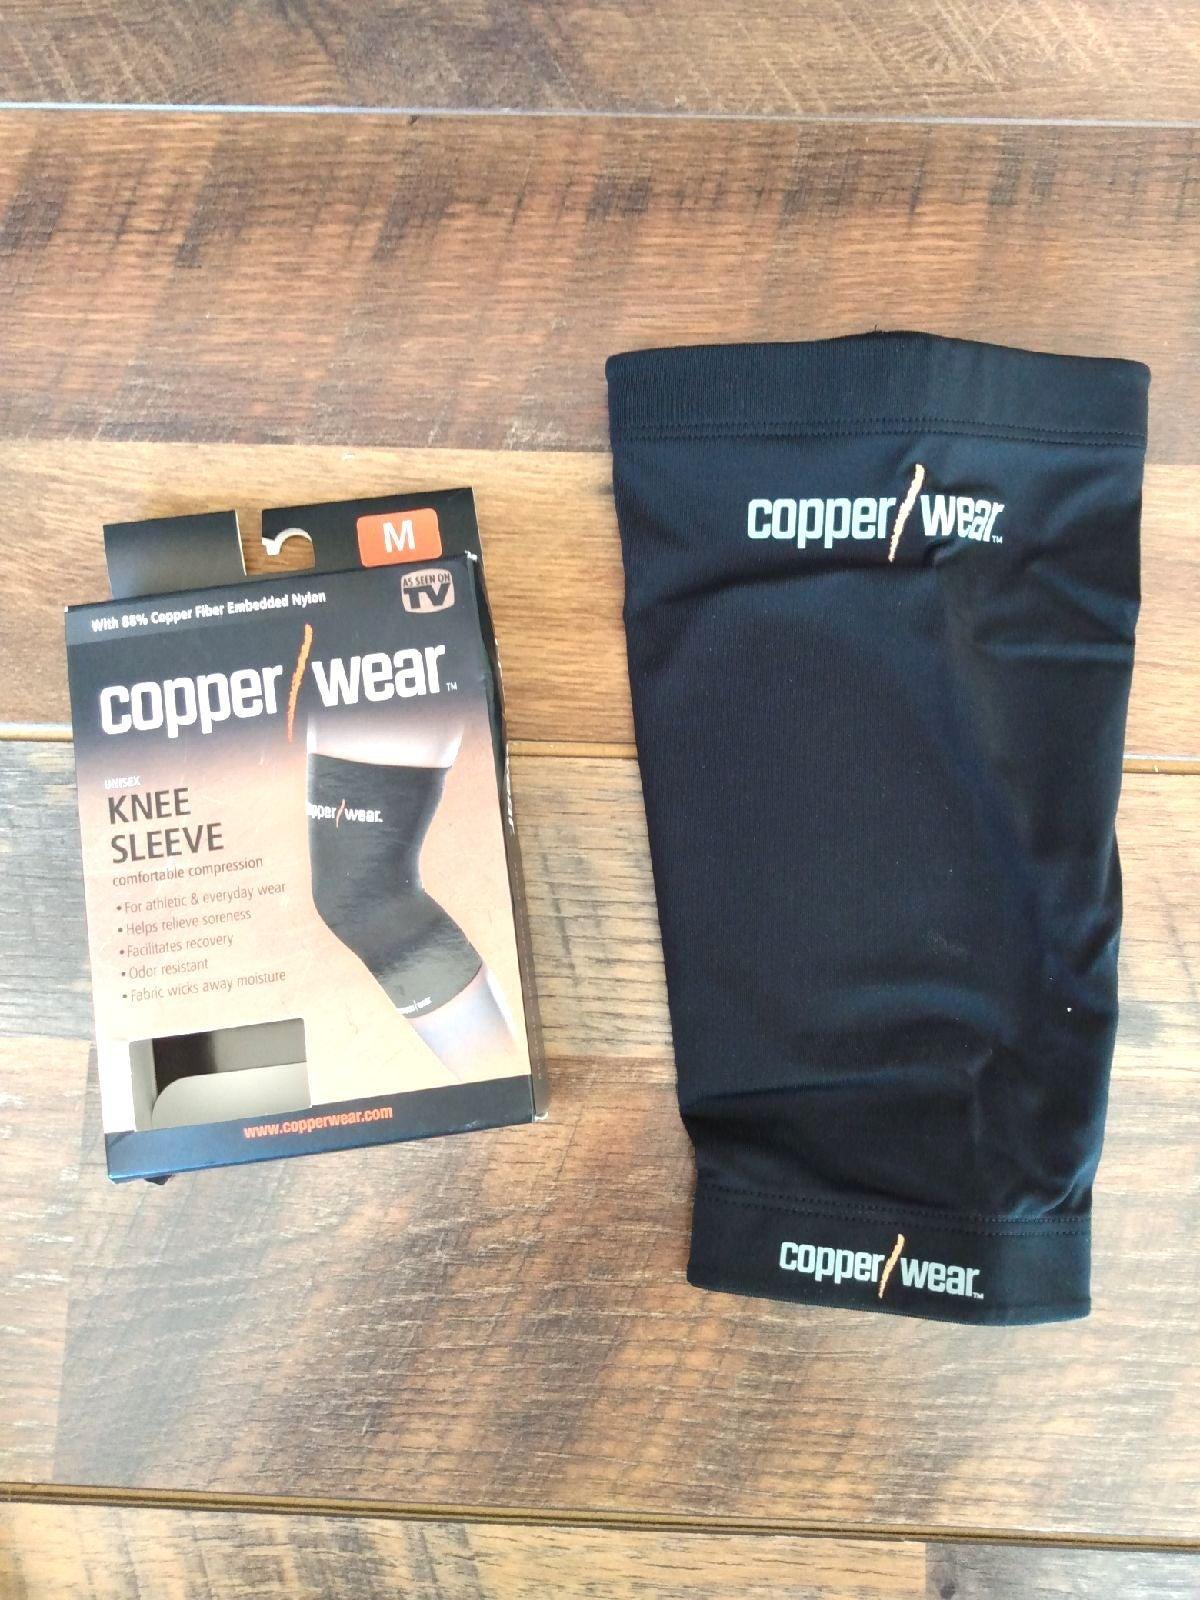 Copper Wear Medium size knee sleeve